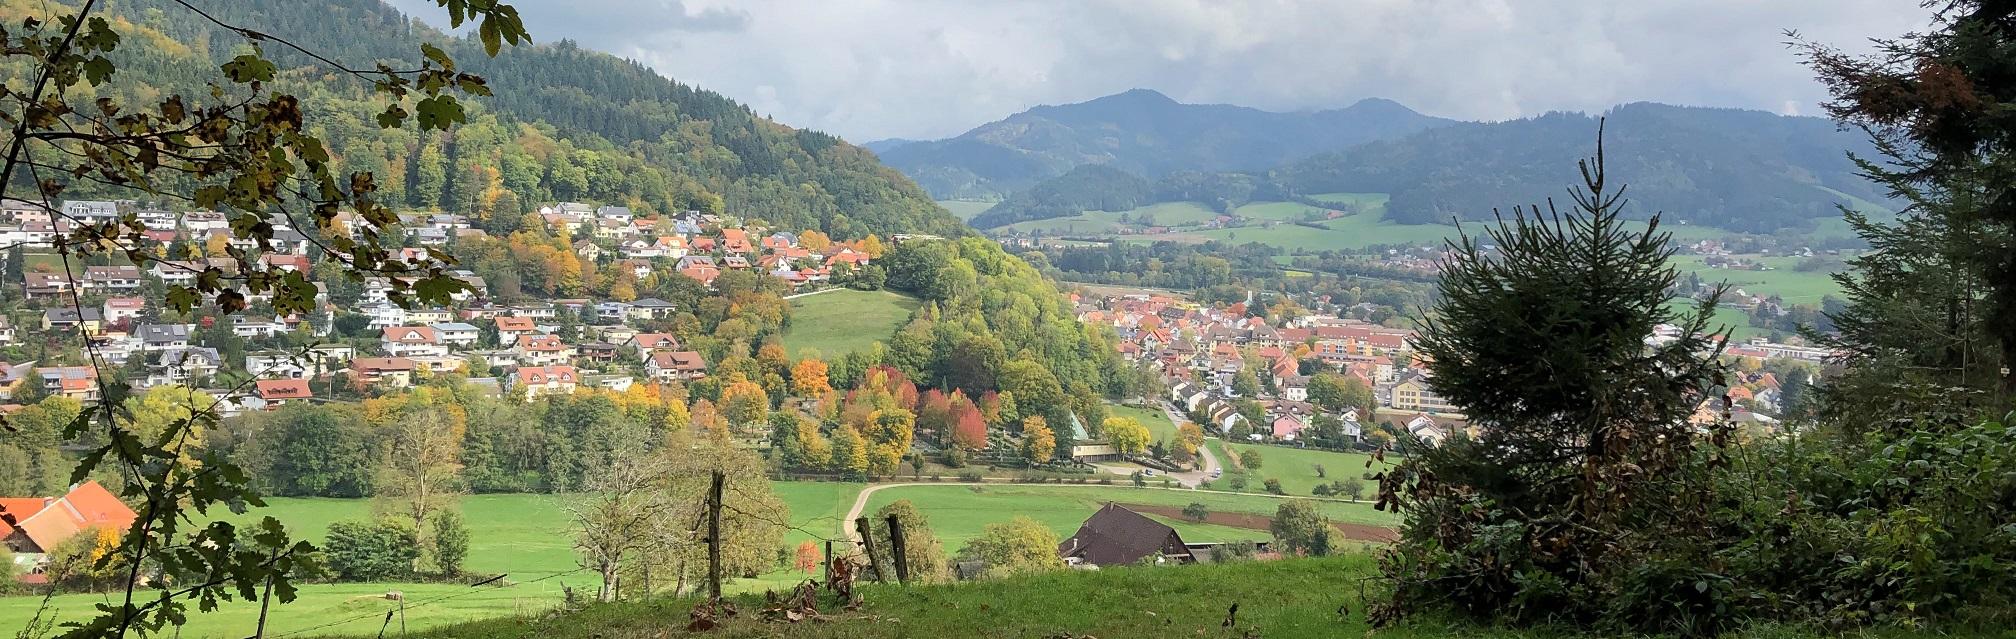 Landschaft Südbaden